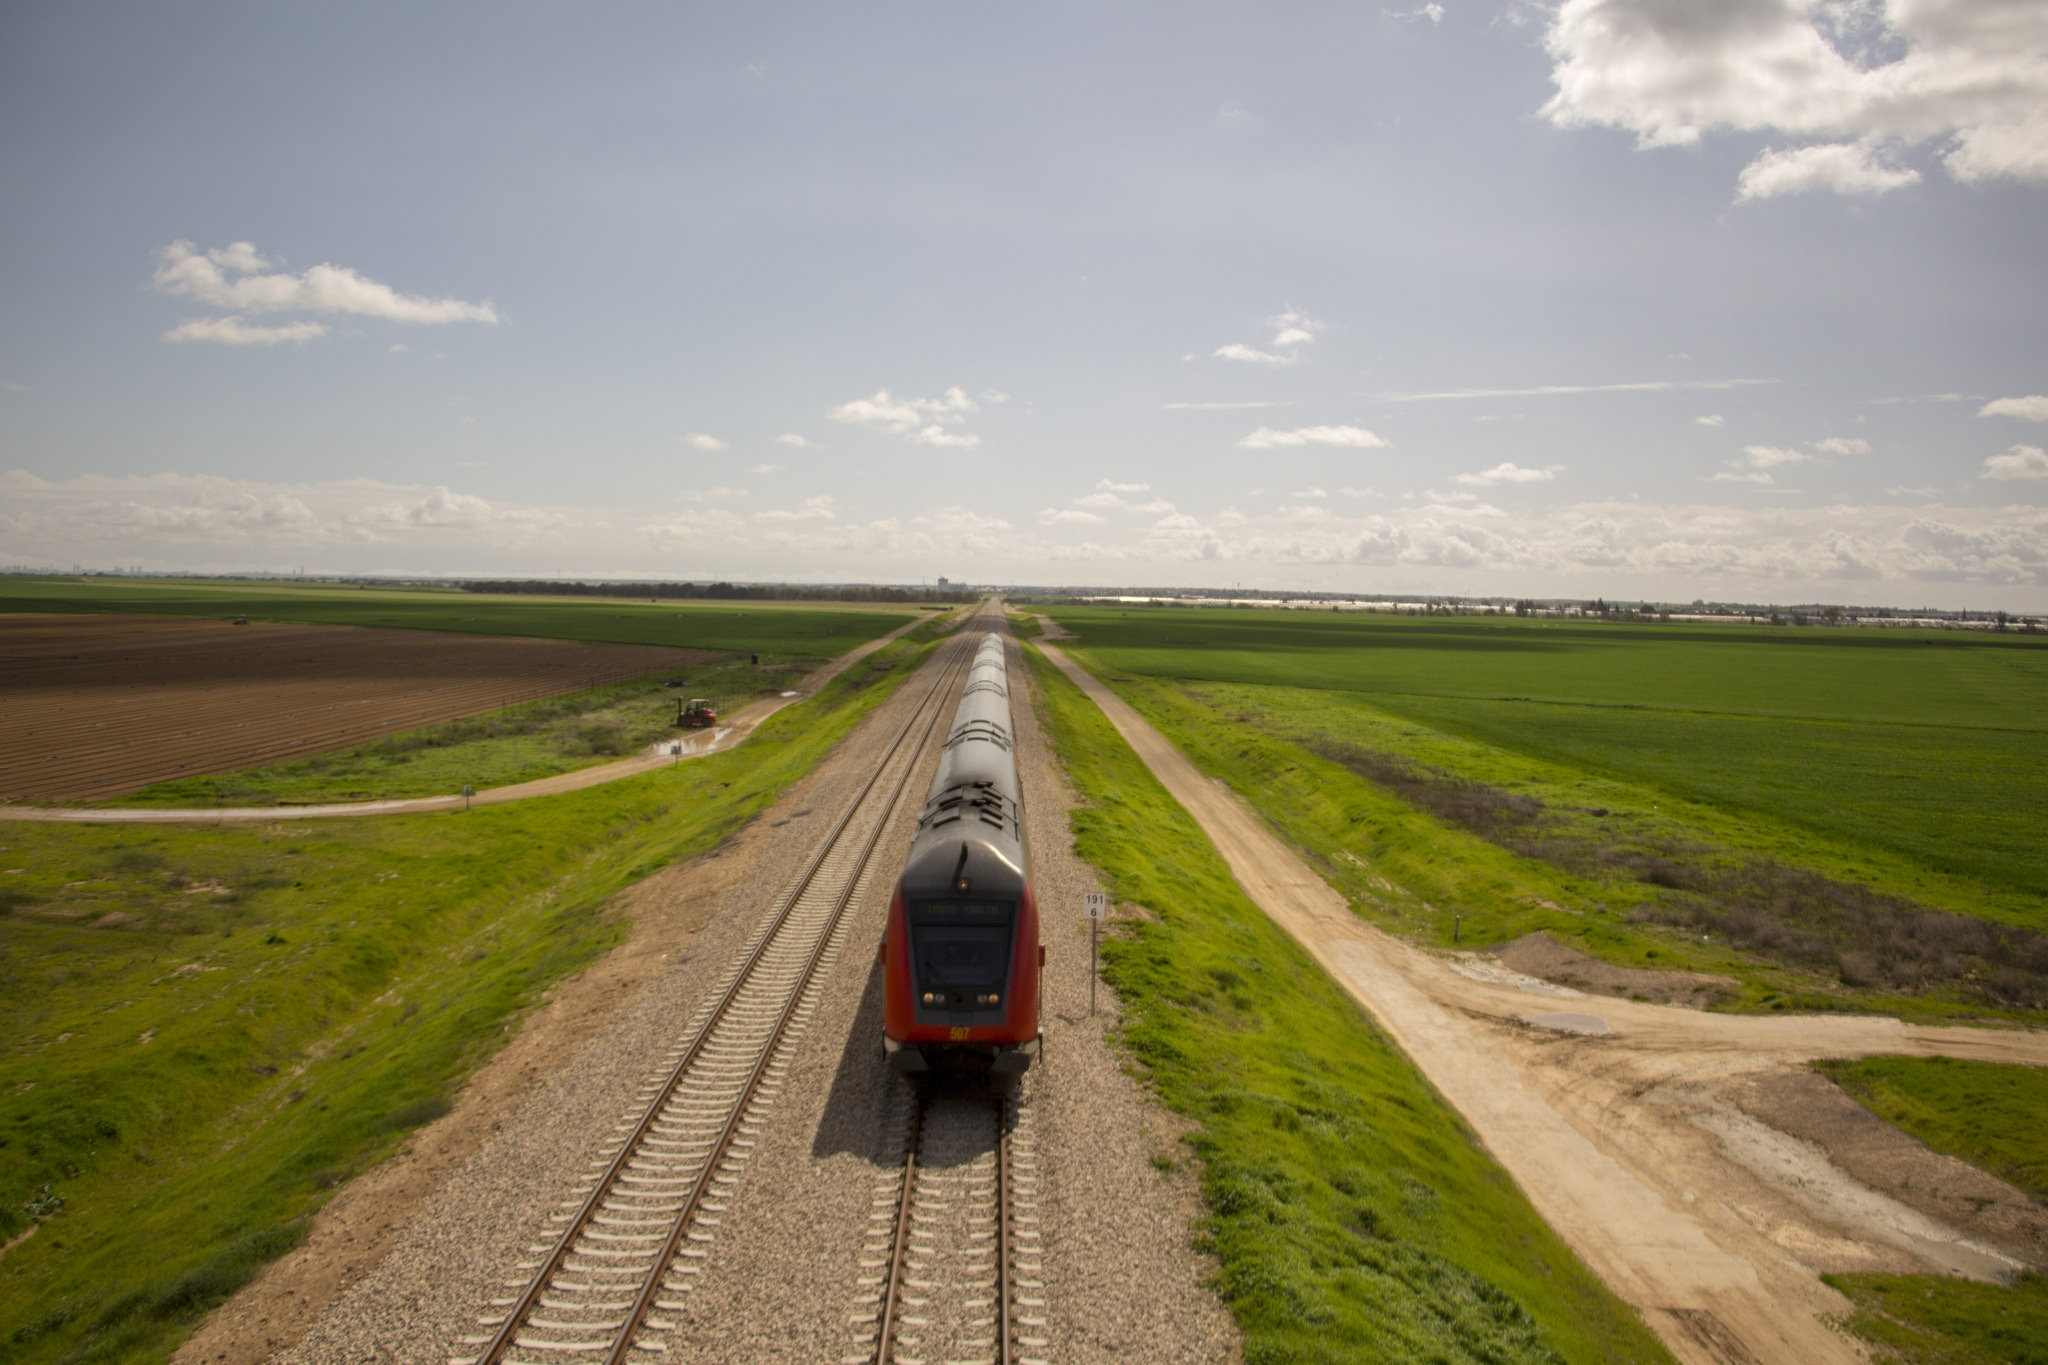 הרכבת מזהמת